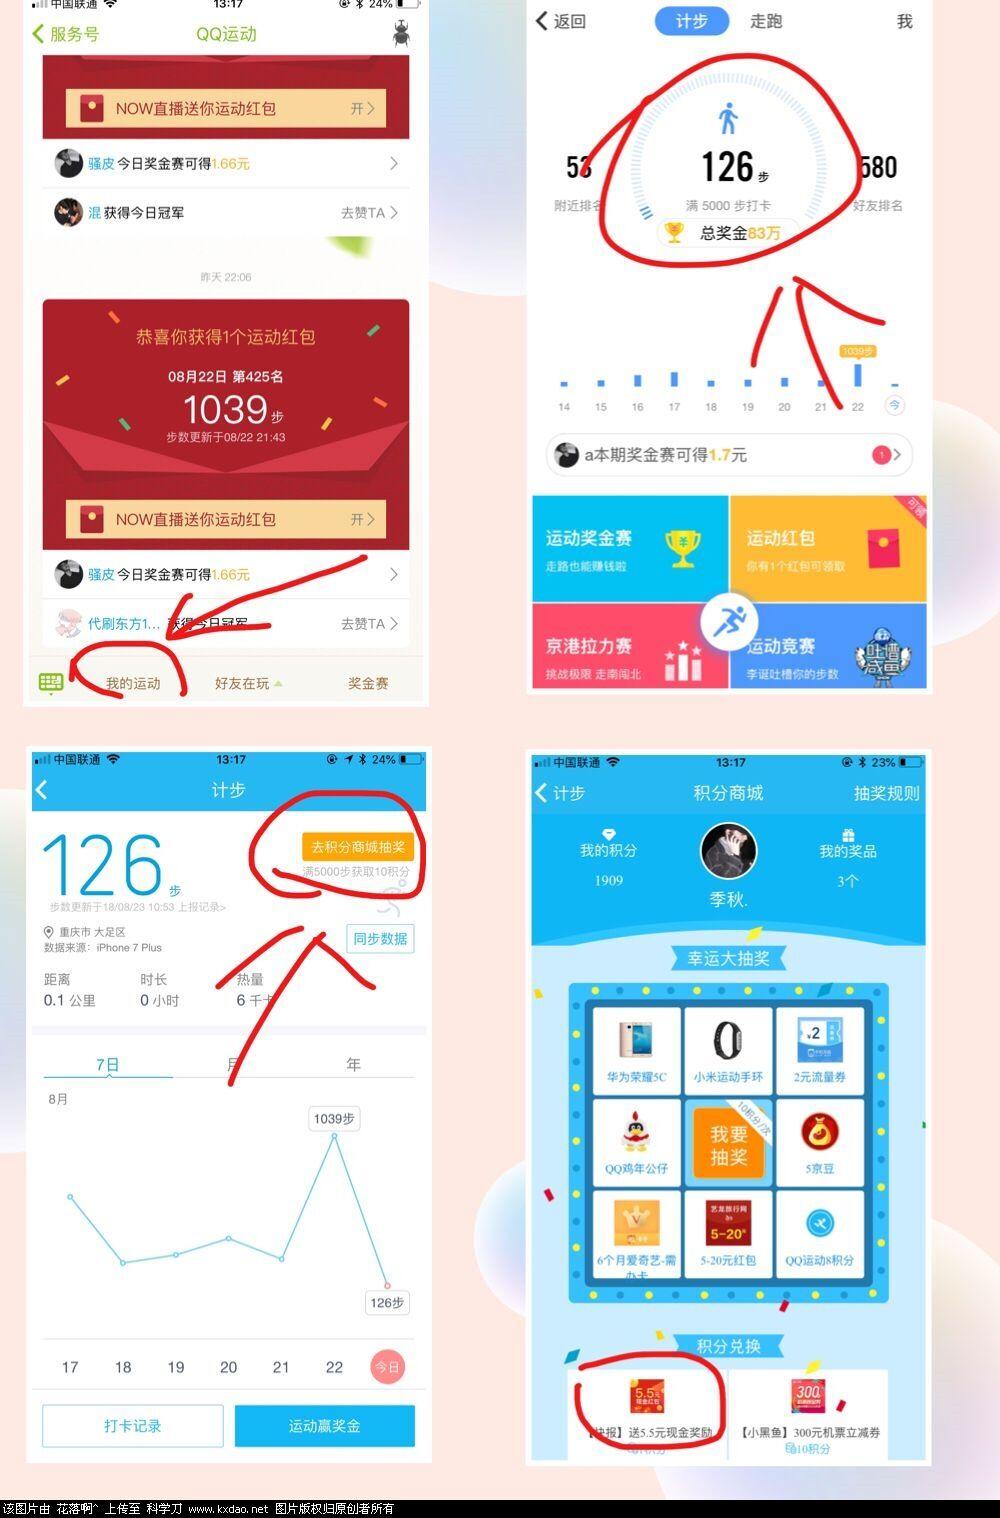 天天快报新用户领3元QQ现金红包